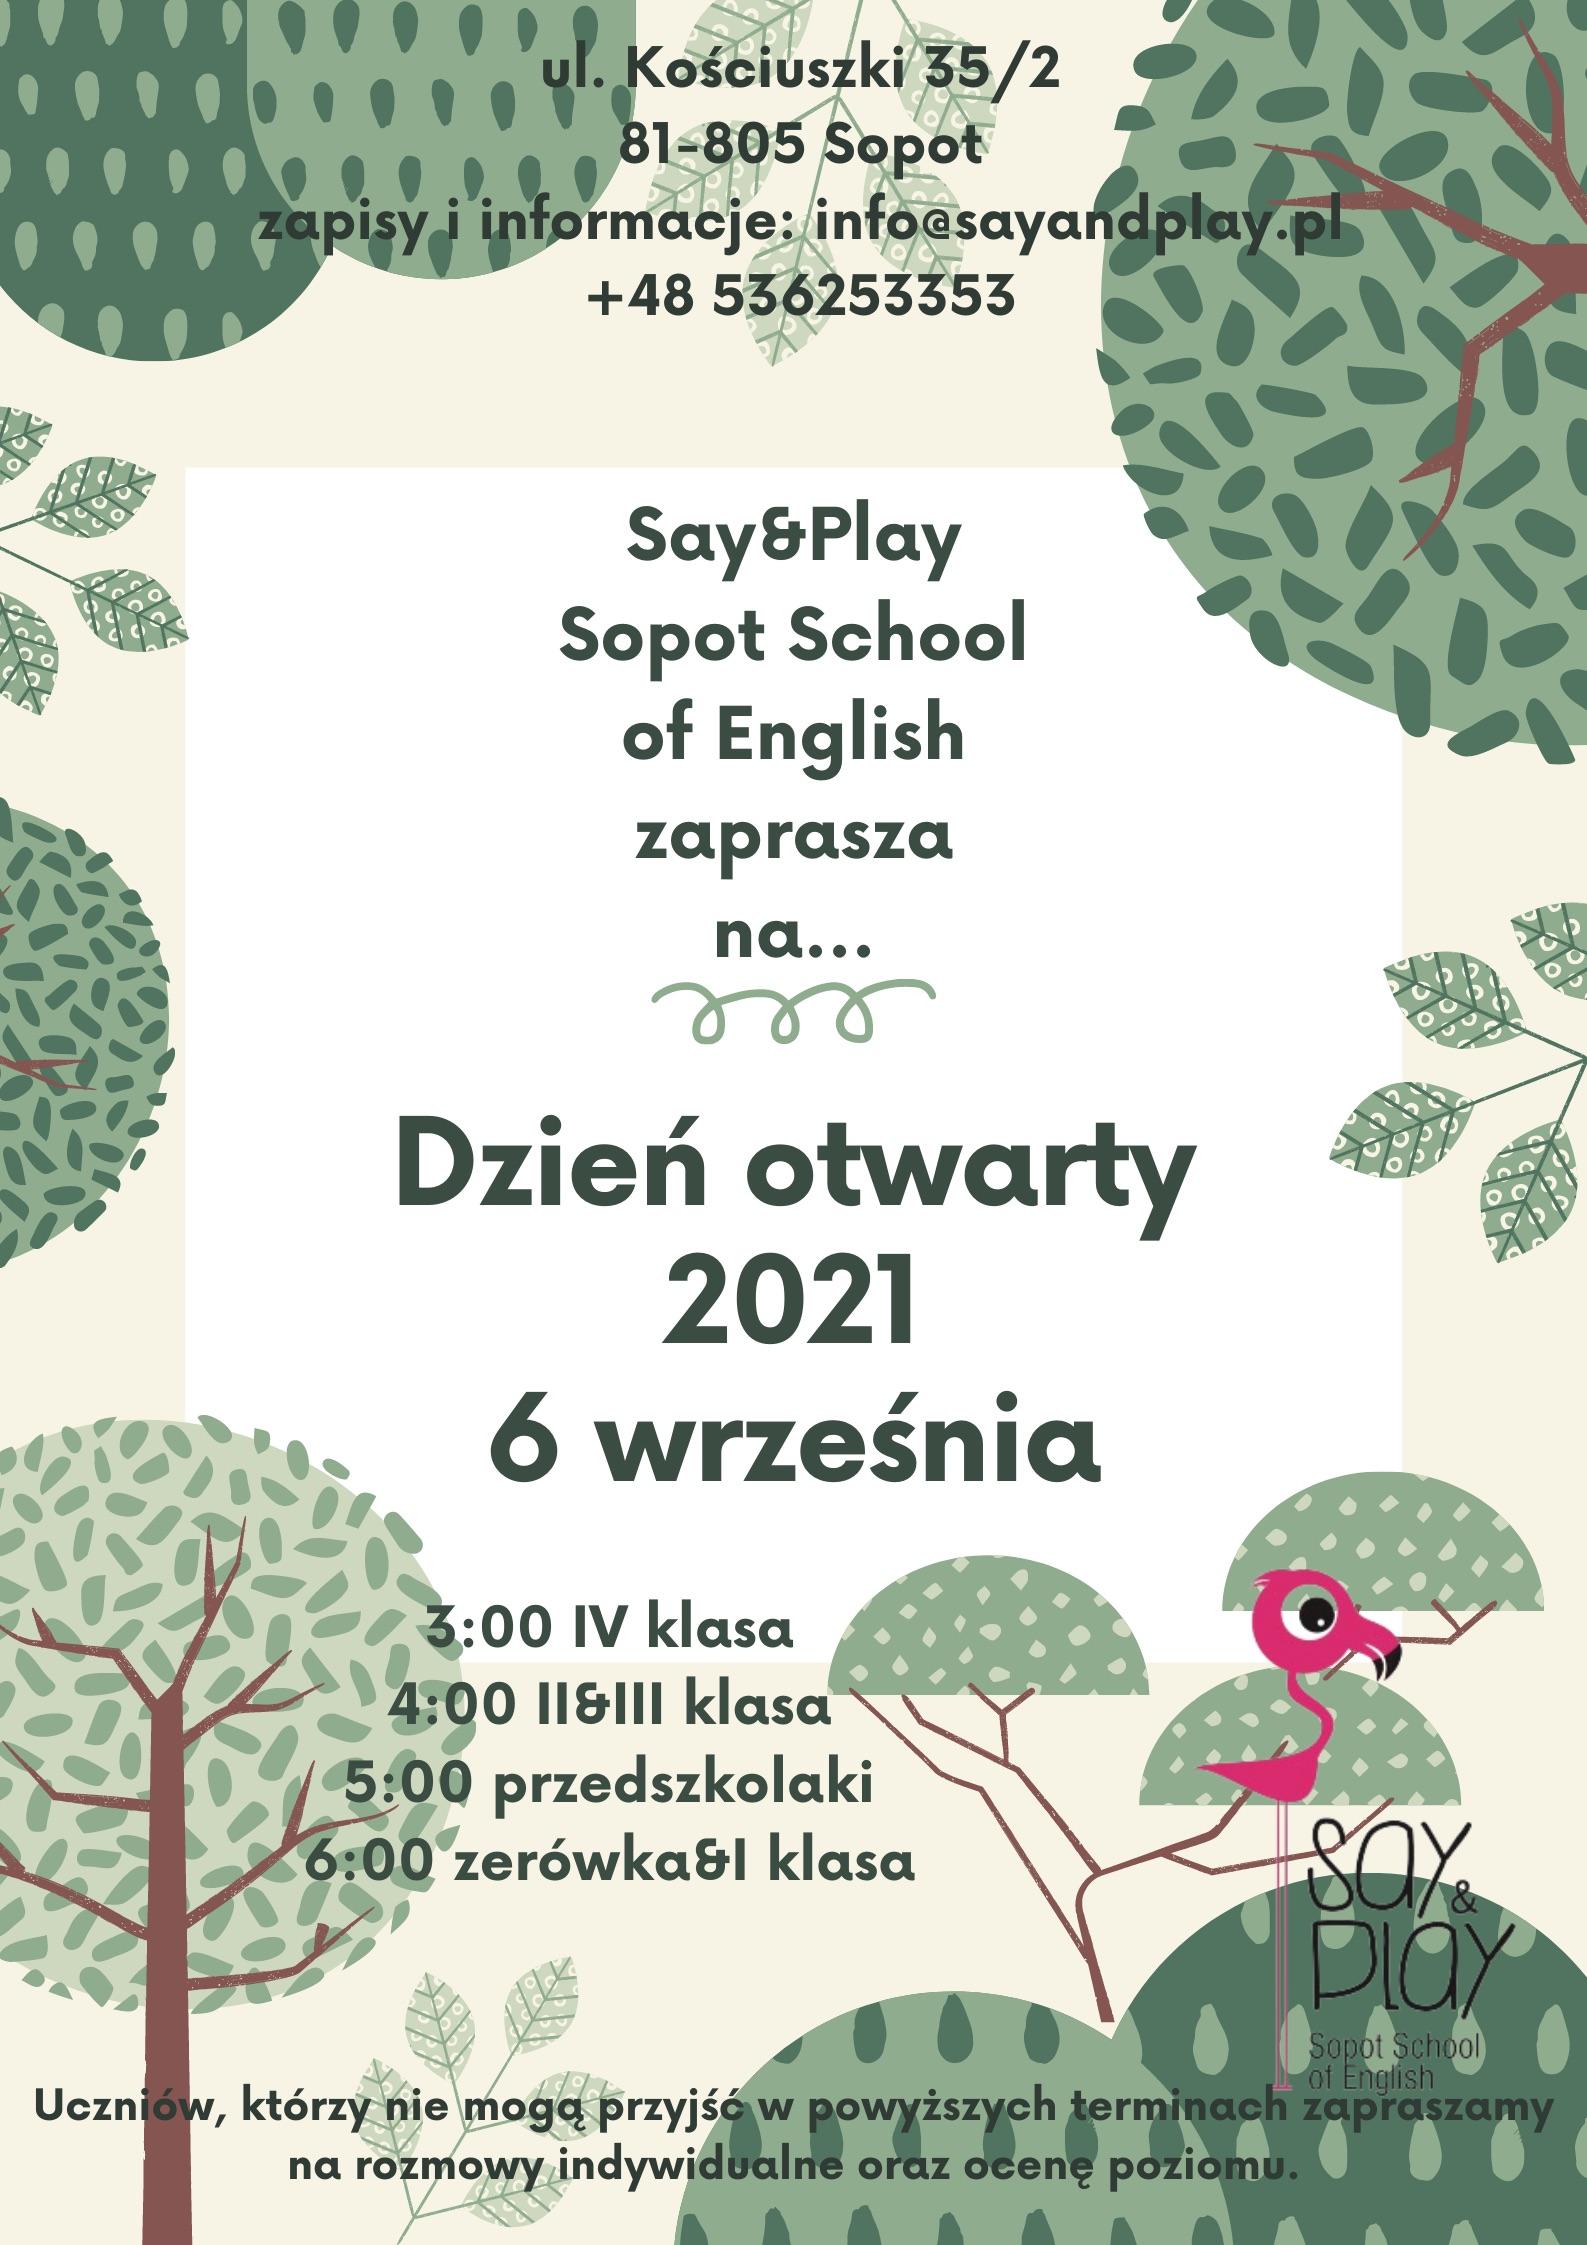 Dzień otwarty 2021